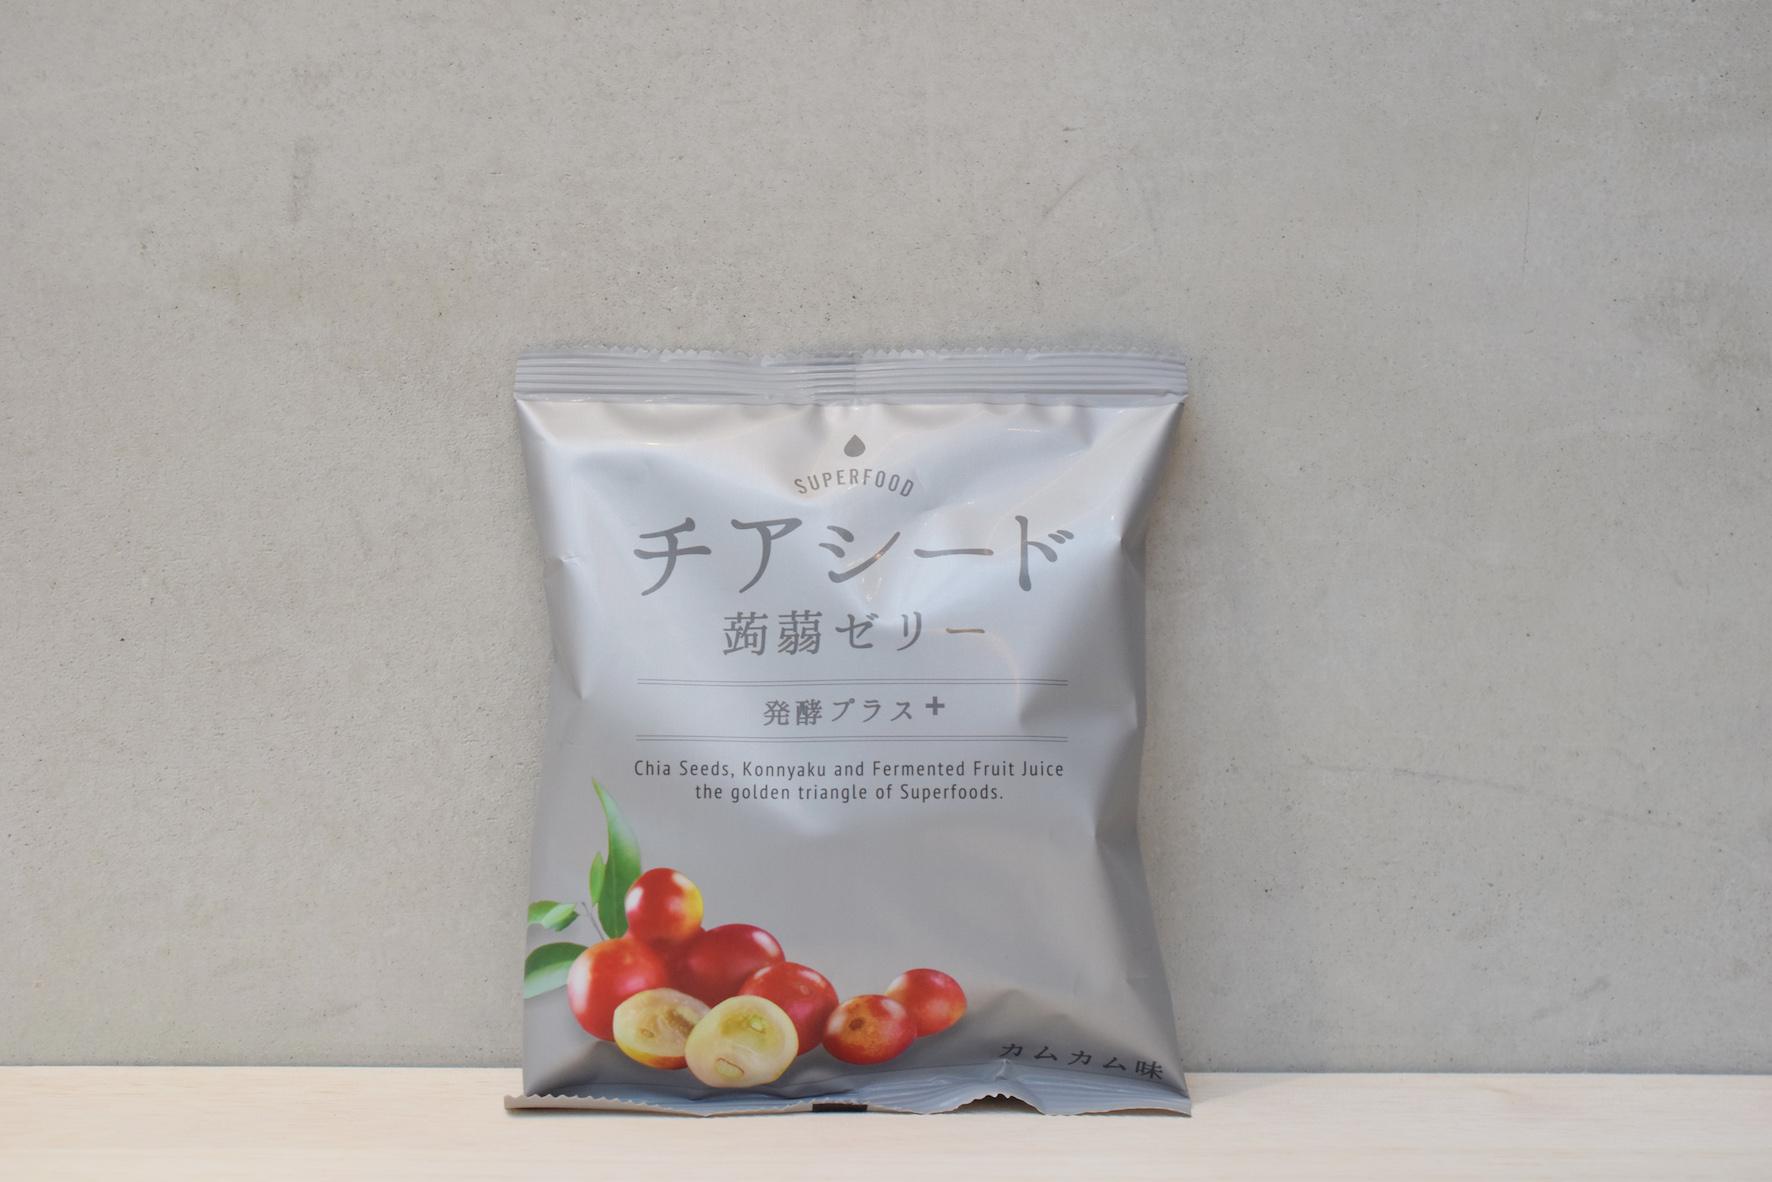 チアシード蒟蒻ゼリー発酵プラスカムカム味